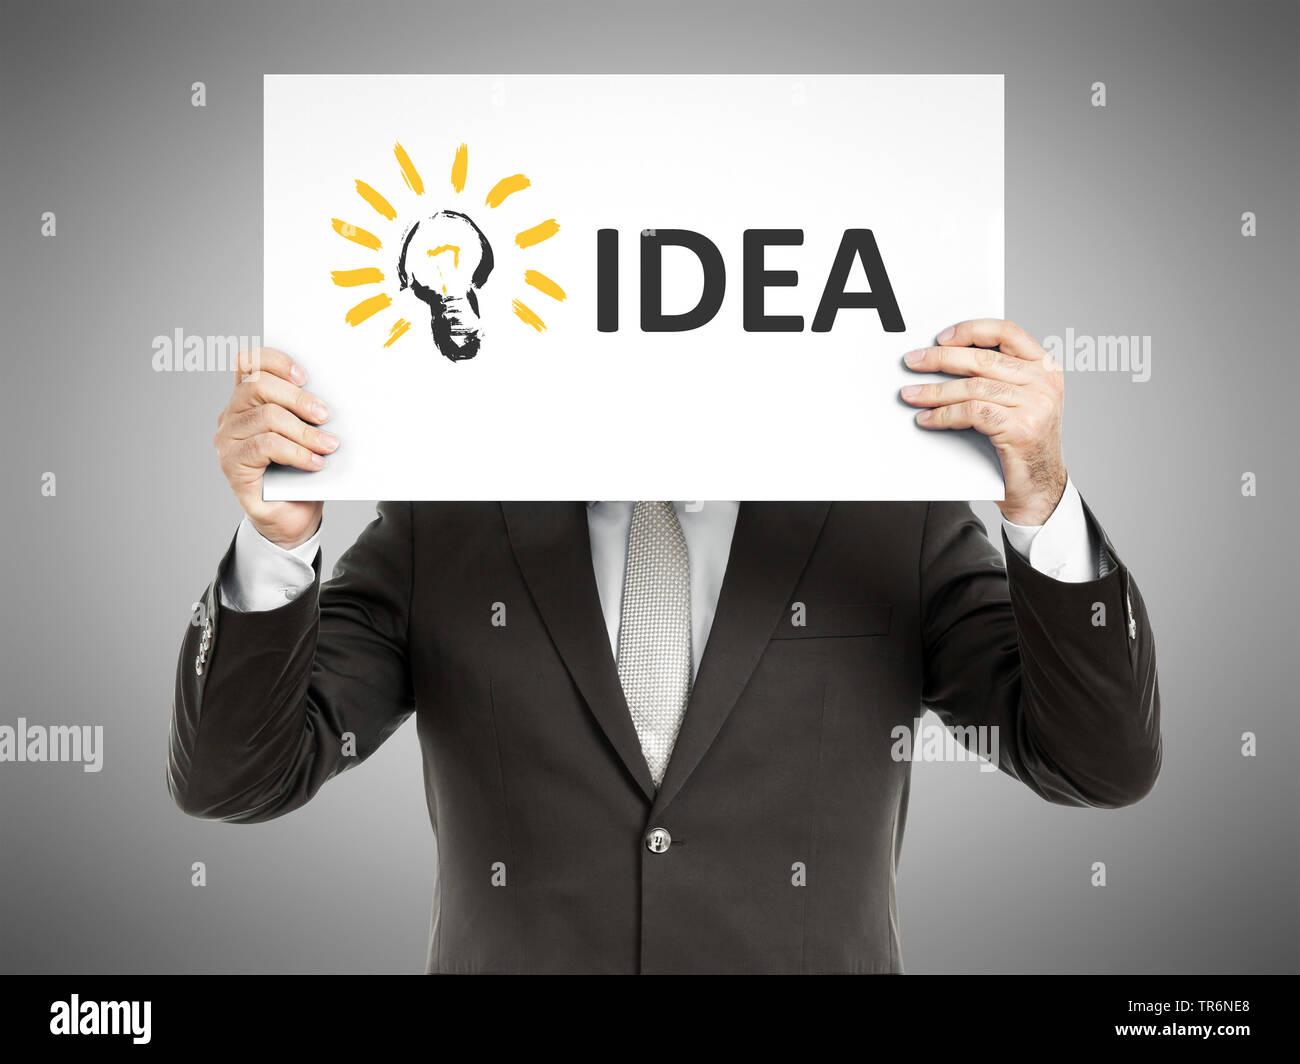 Geschaeftsmann haelt eine Schild vor sich mit der Aufschrift Idee, Idee, Deutschland | Geschäftsmann und hält ein Schild mit der Aufschrift Idee, Deutschland | Stockbild